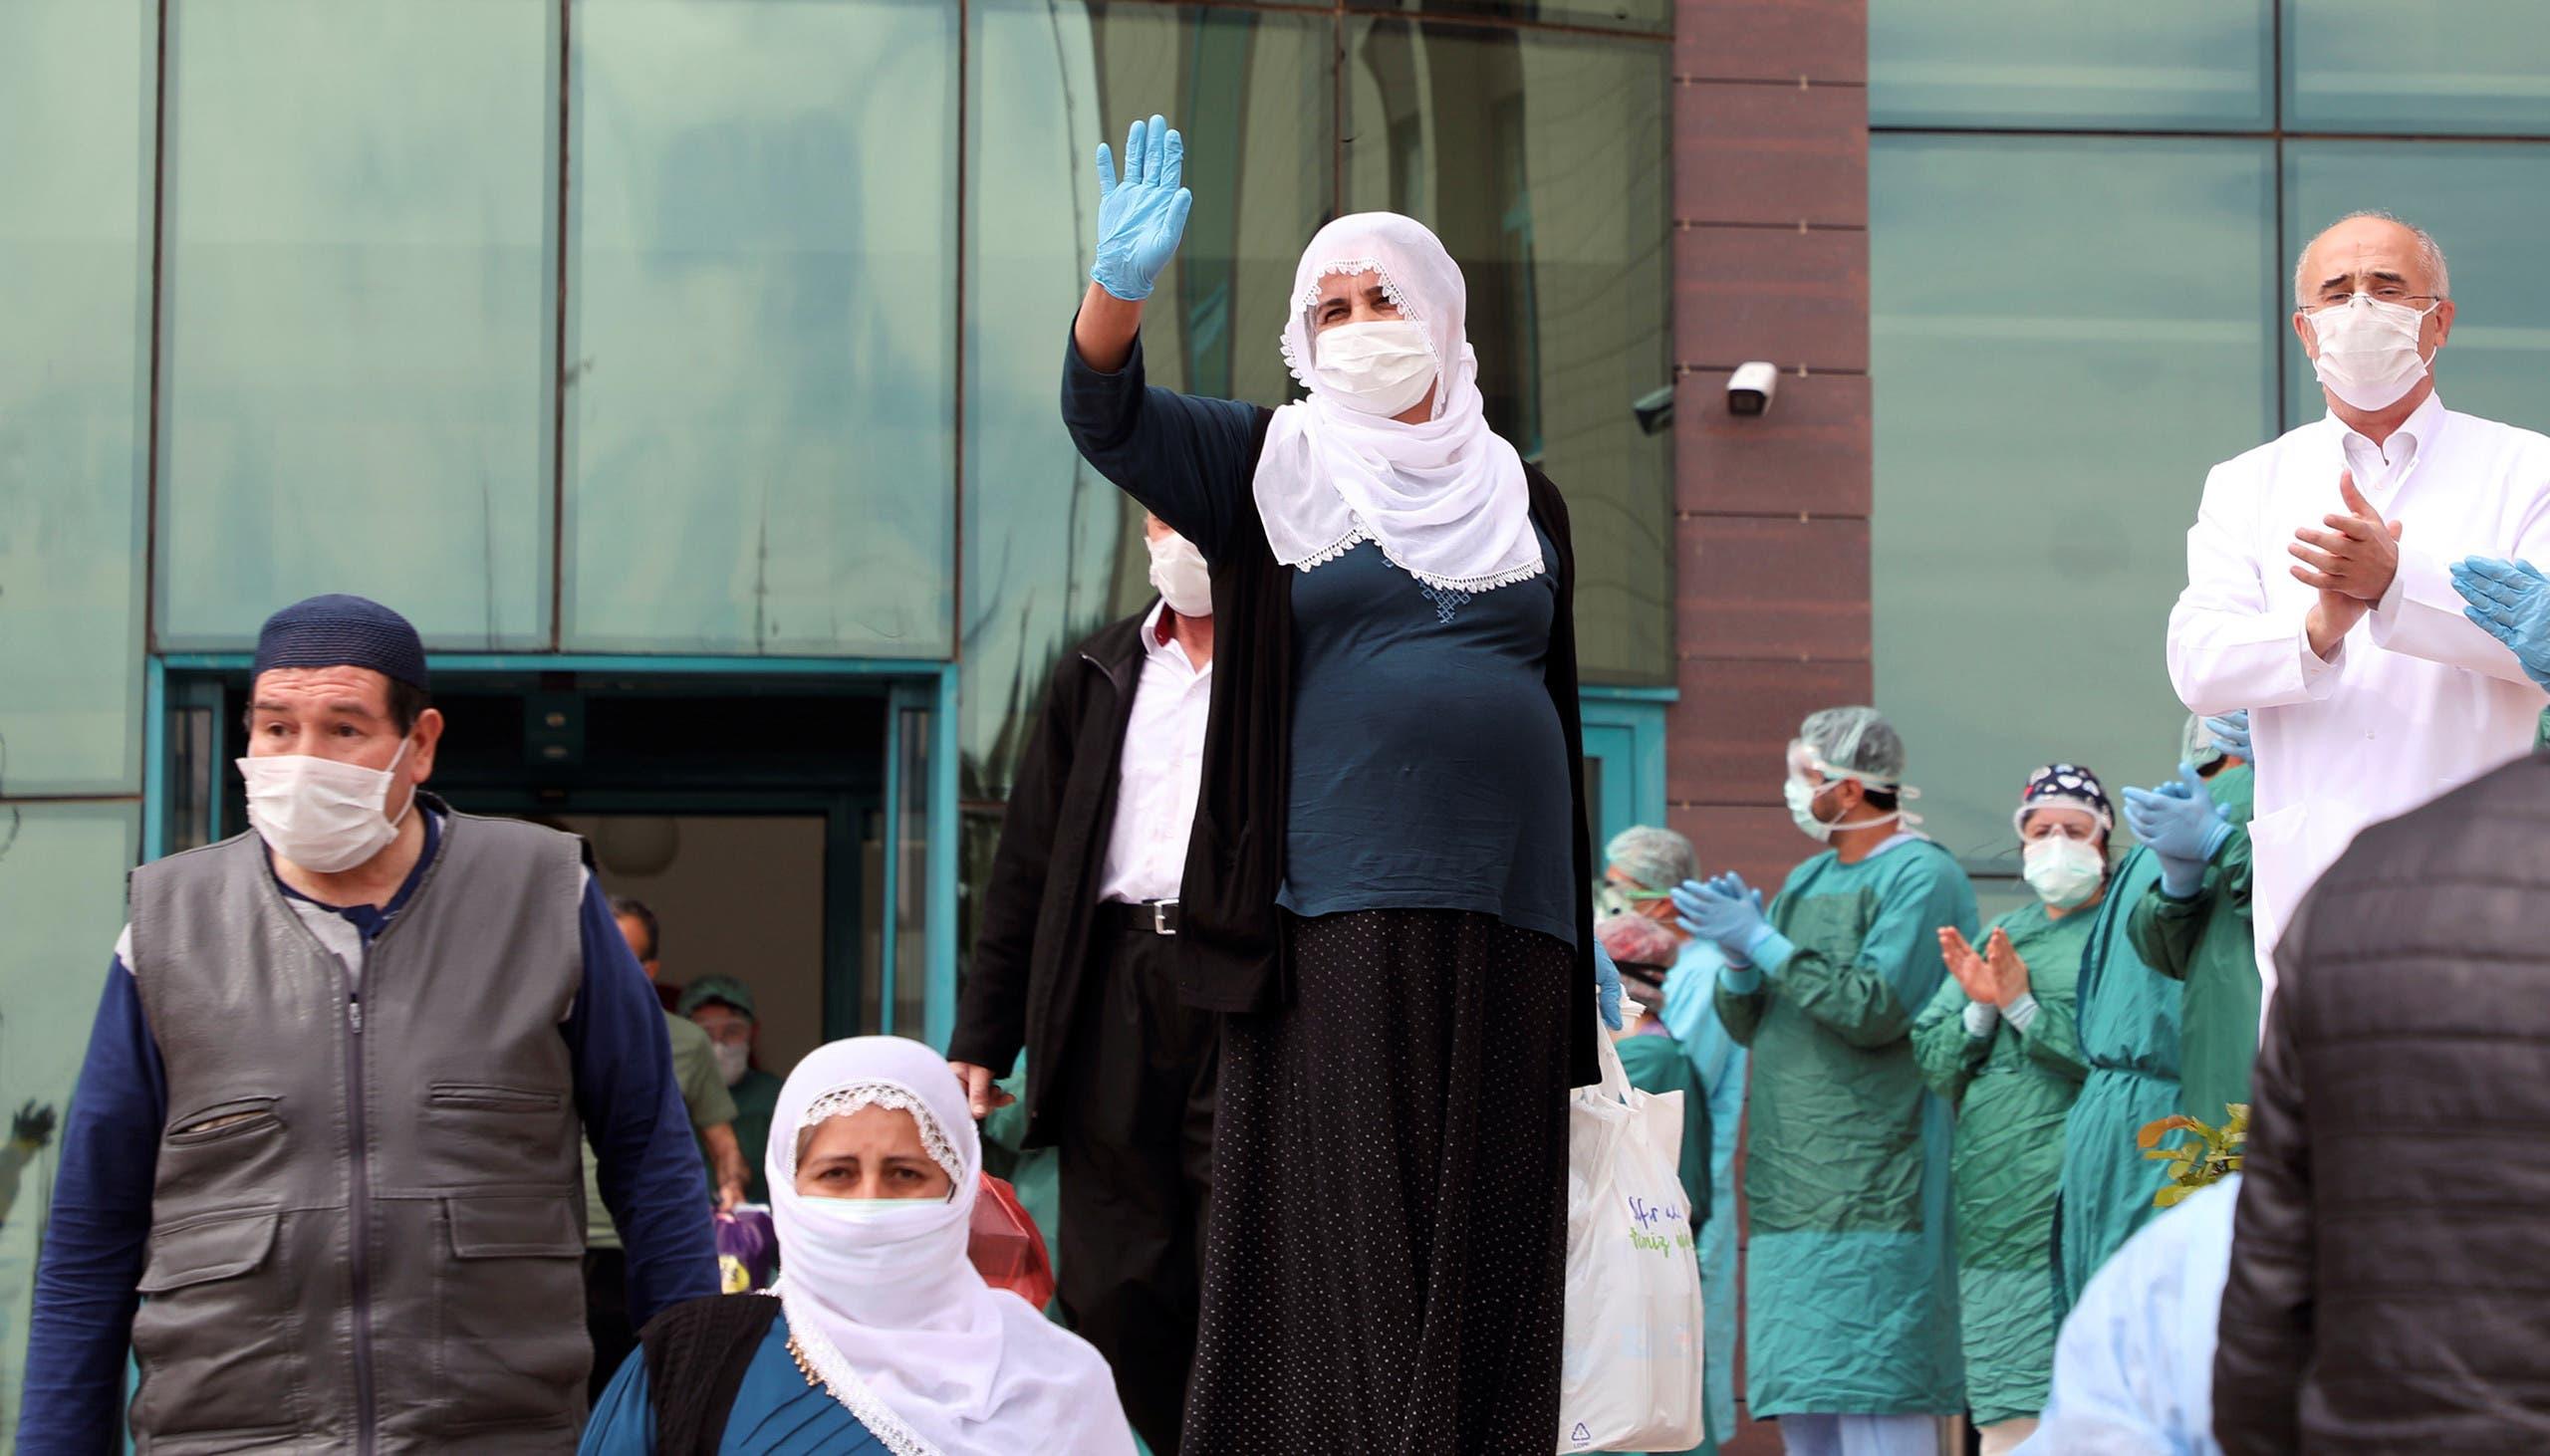 أطباء وممرضون يصفقون لمتعافين من كورونا خلال خروجهم من مستشفى في ديار بكر في تركيا